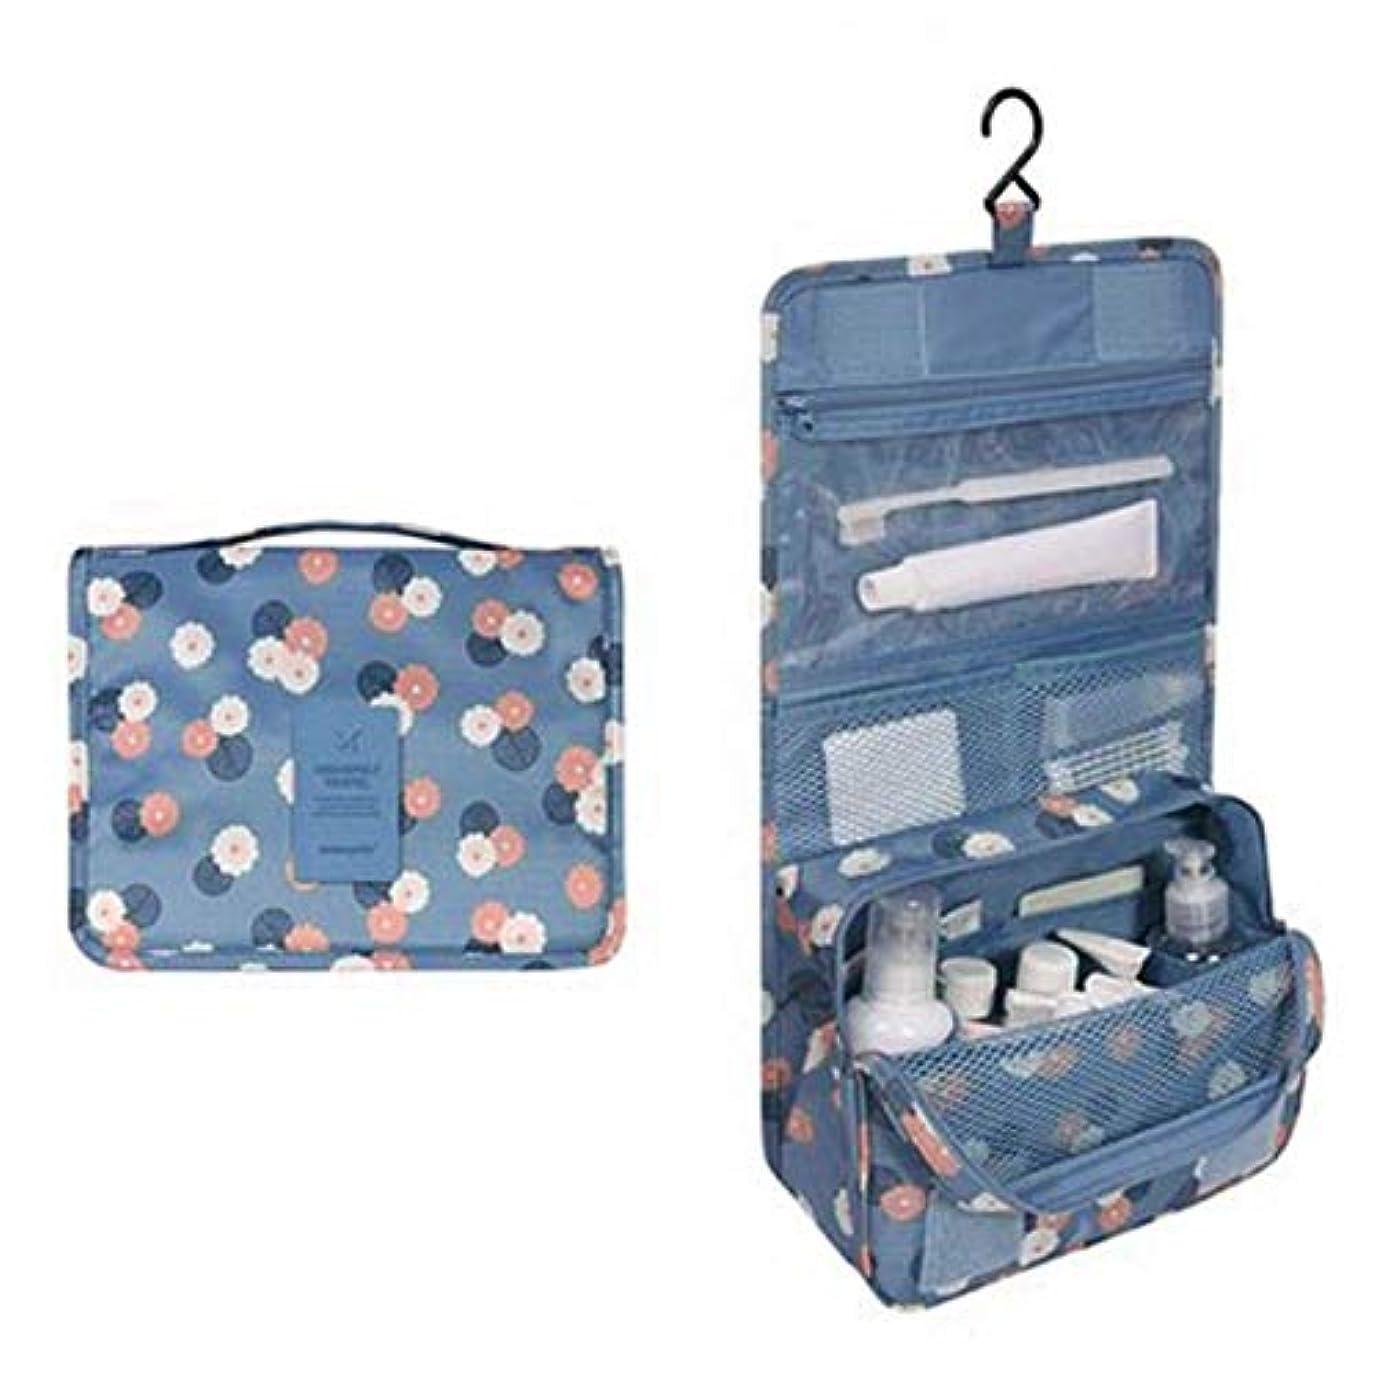 闘争害虫クリーナーWadachikis 例外的な女性ジッパーハンギング防水旅行トイレタリーの洗浄化粧品オーガナイザーバッグバッグ(None Picture Color)